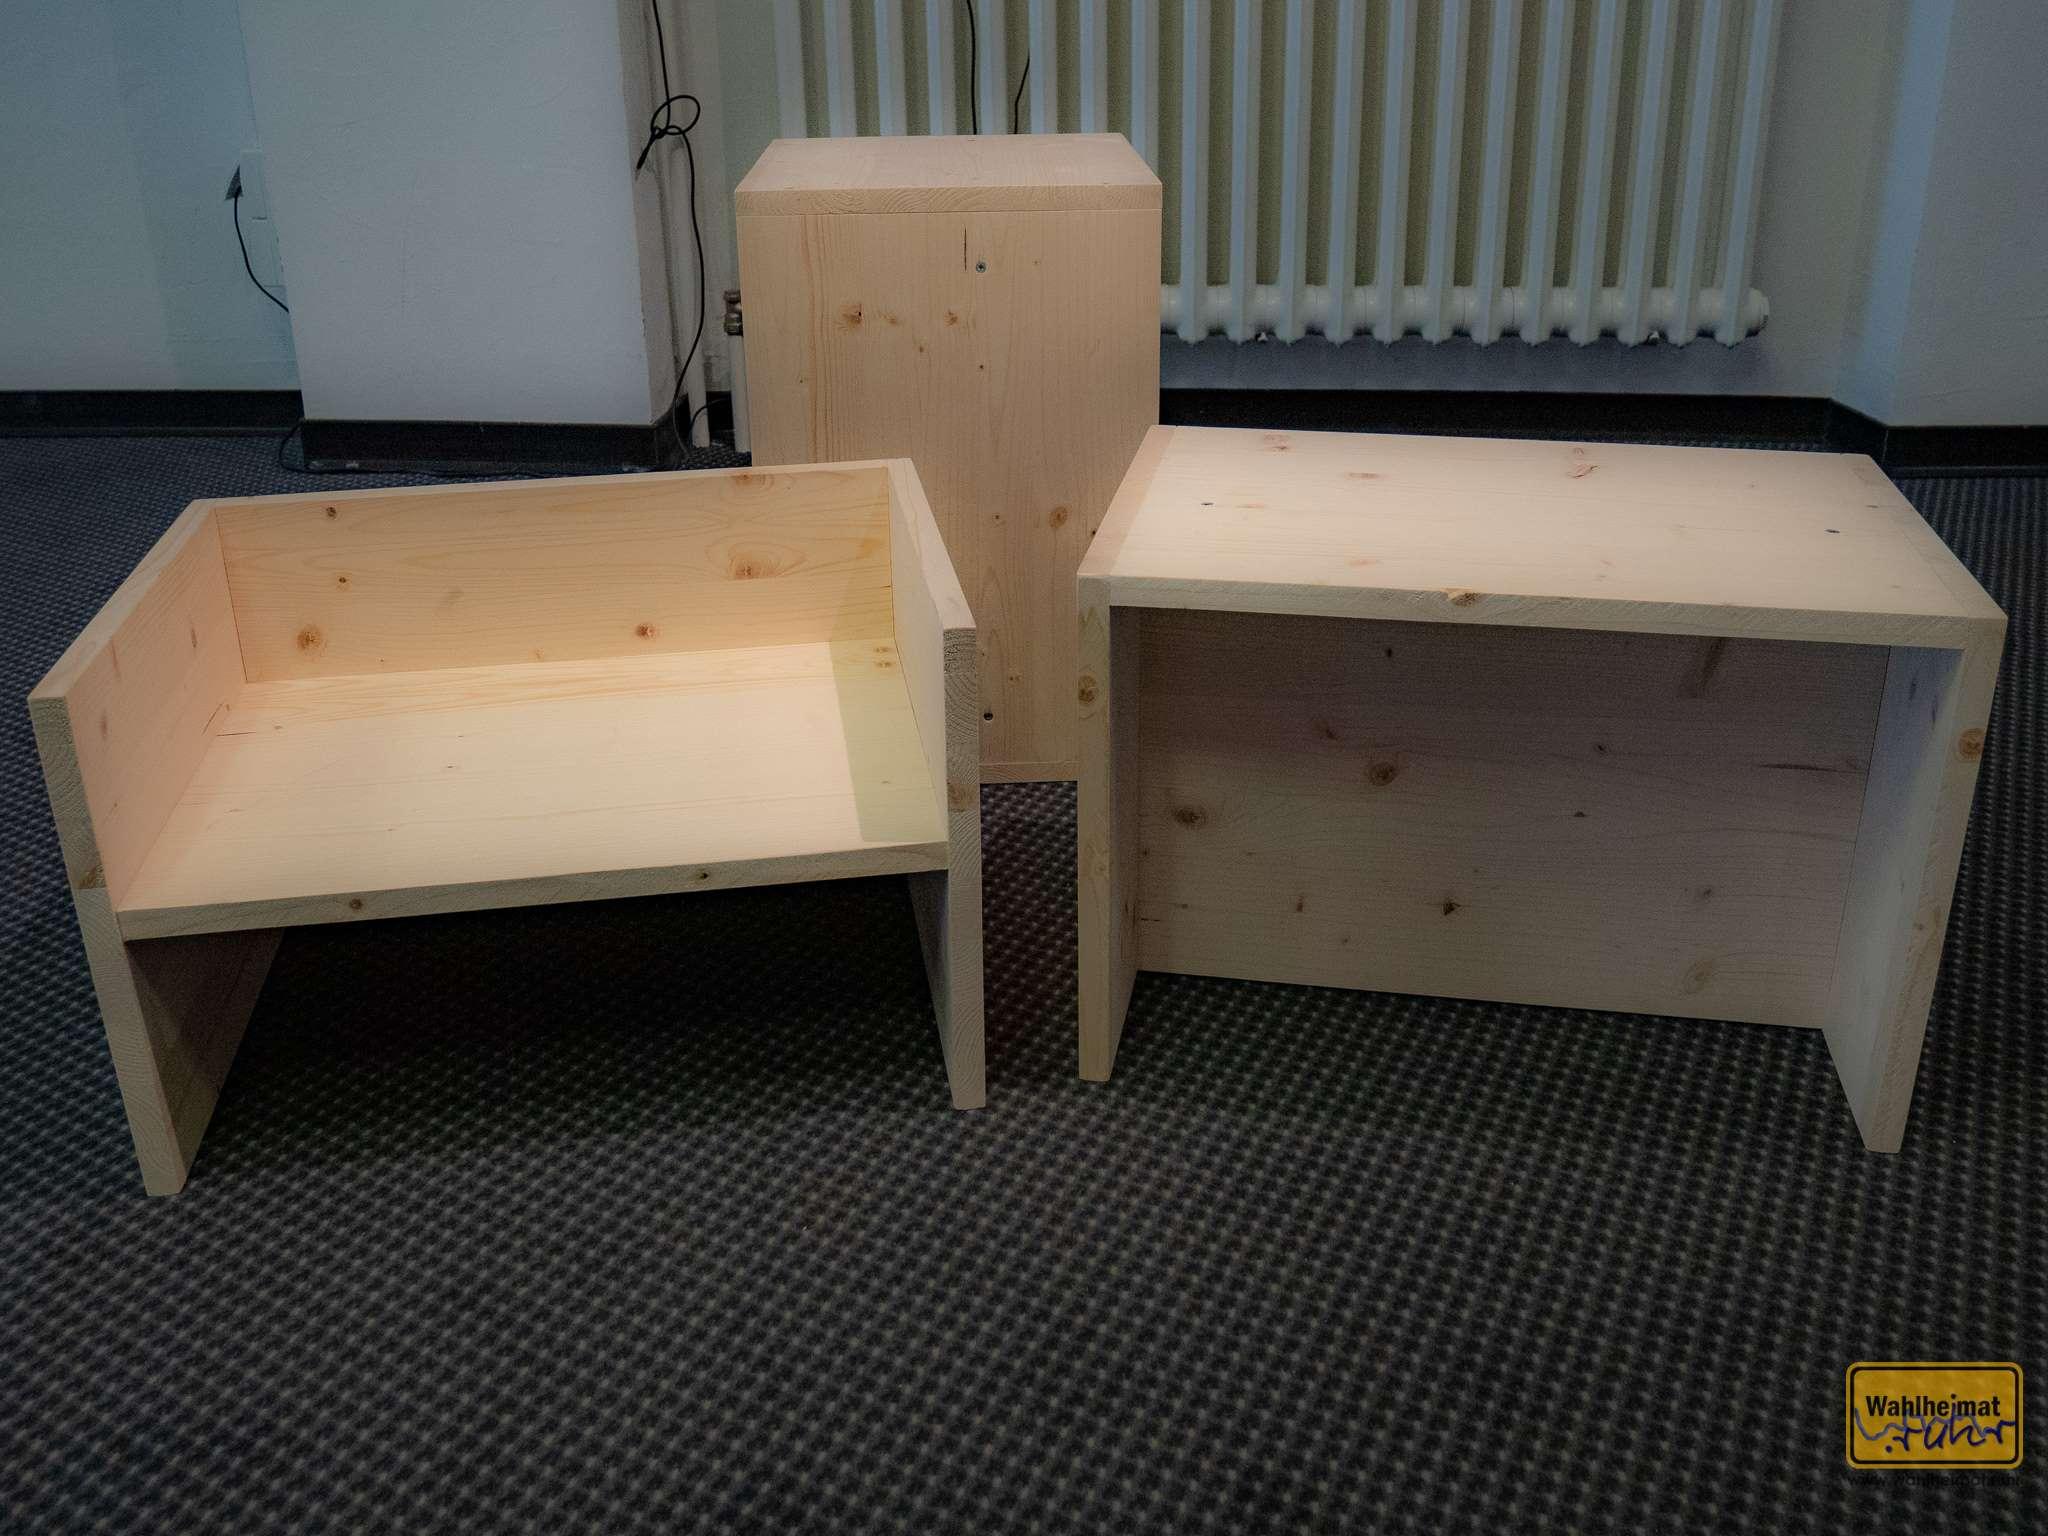 """Van Bo Le-Mentzel hat diese Hartz-4-Möbel ermöglicht: Für 10€ Material, 10 Schrauben, aufgebaut in 10 Minuten ist das z.B. der """"Berliner Hocker"""". Die Pläne kann man im Netz frei runterladen. Irgendwie auch (spätes) Bauhaus."""